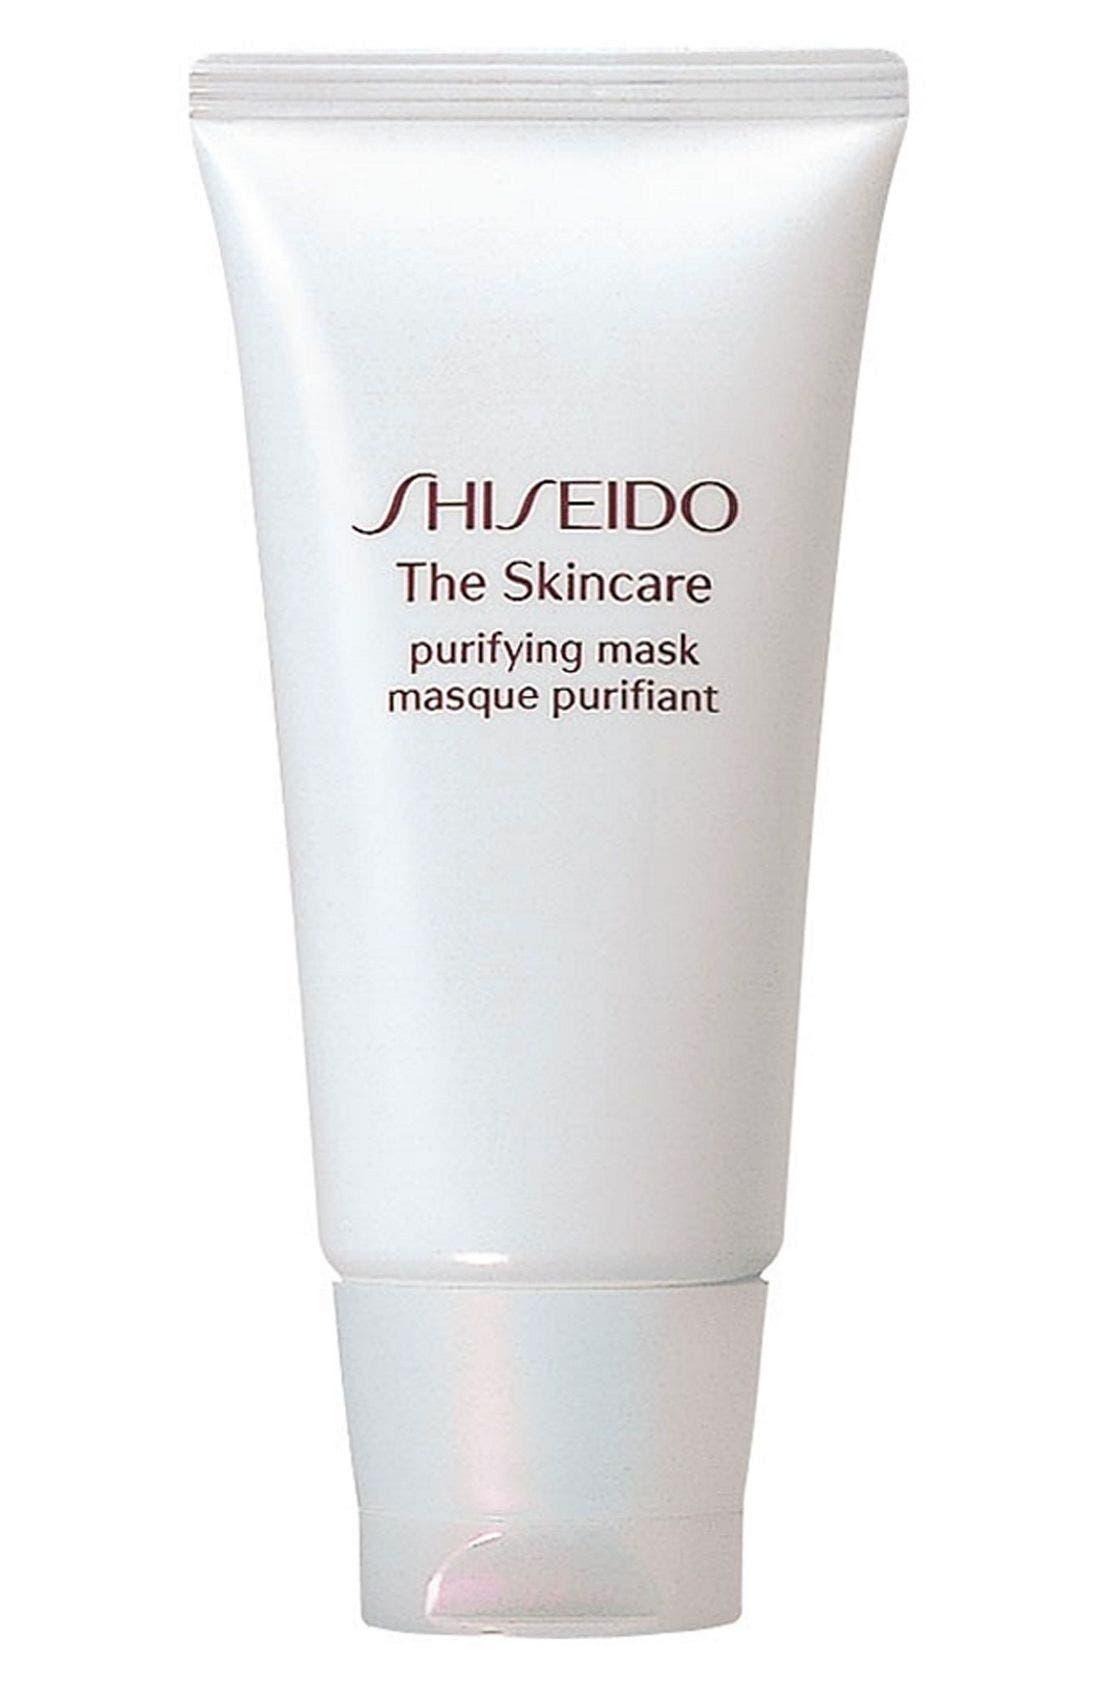 Shiseido 'The Skincare' Purifying Mask